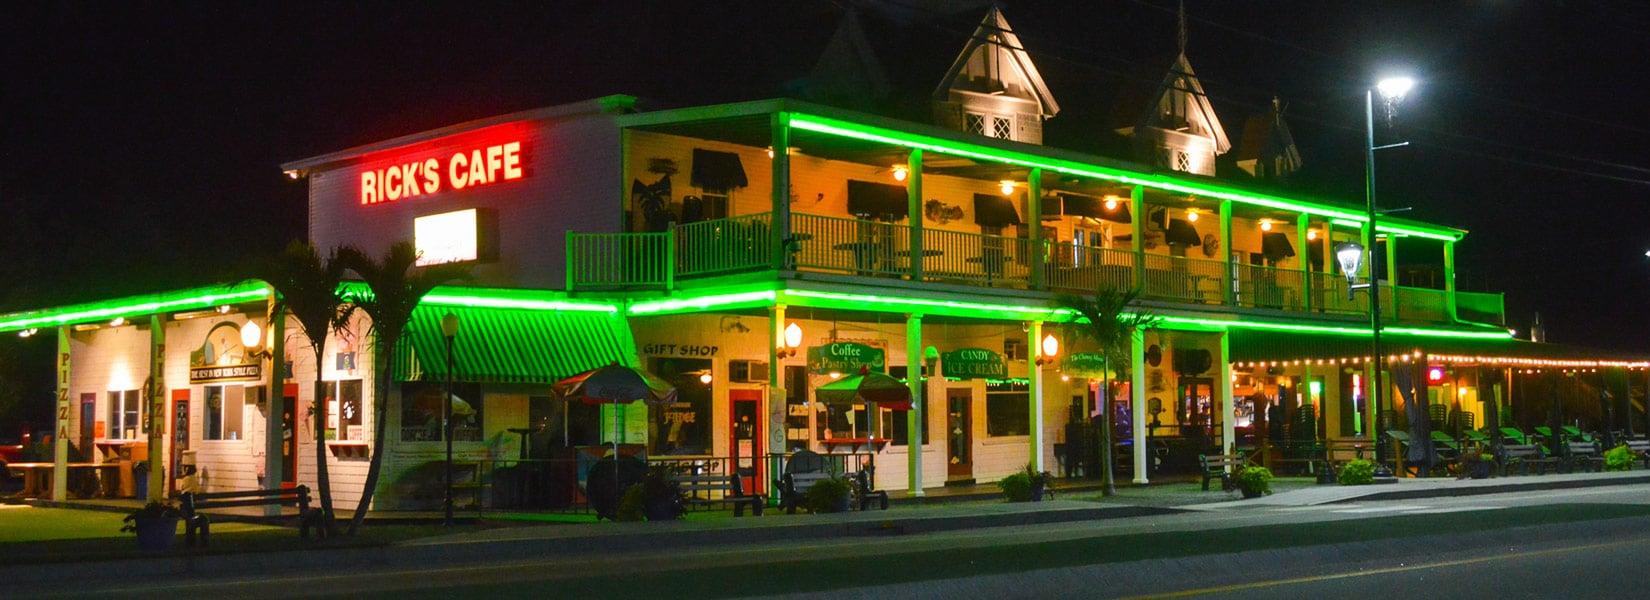 Rick's Cafe at night